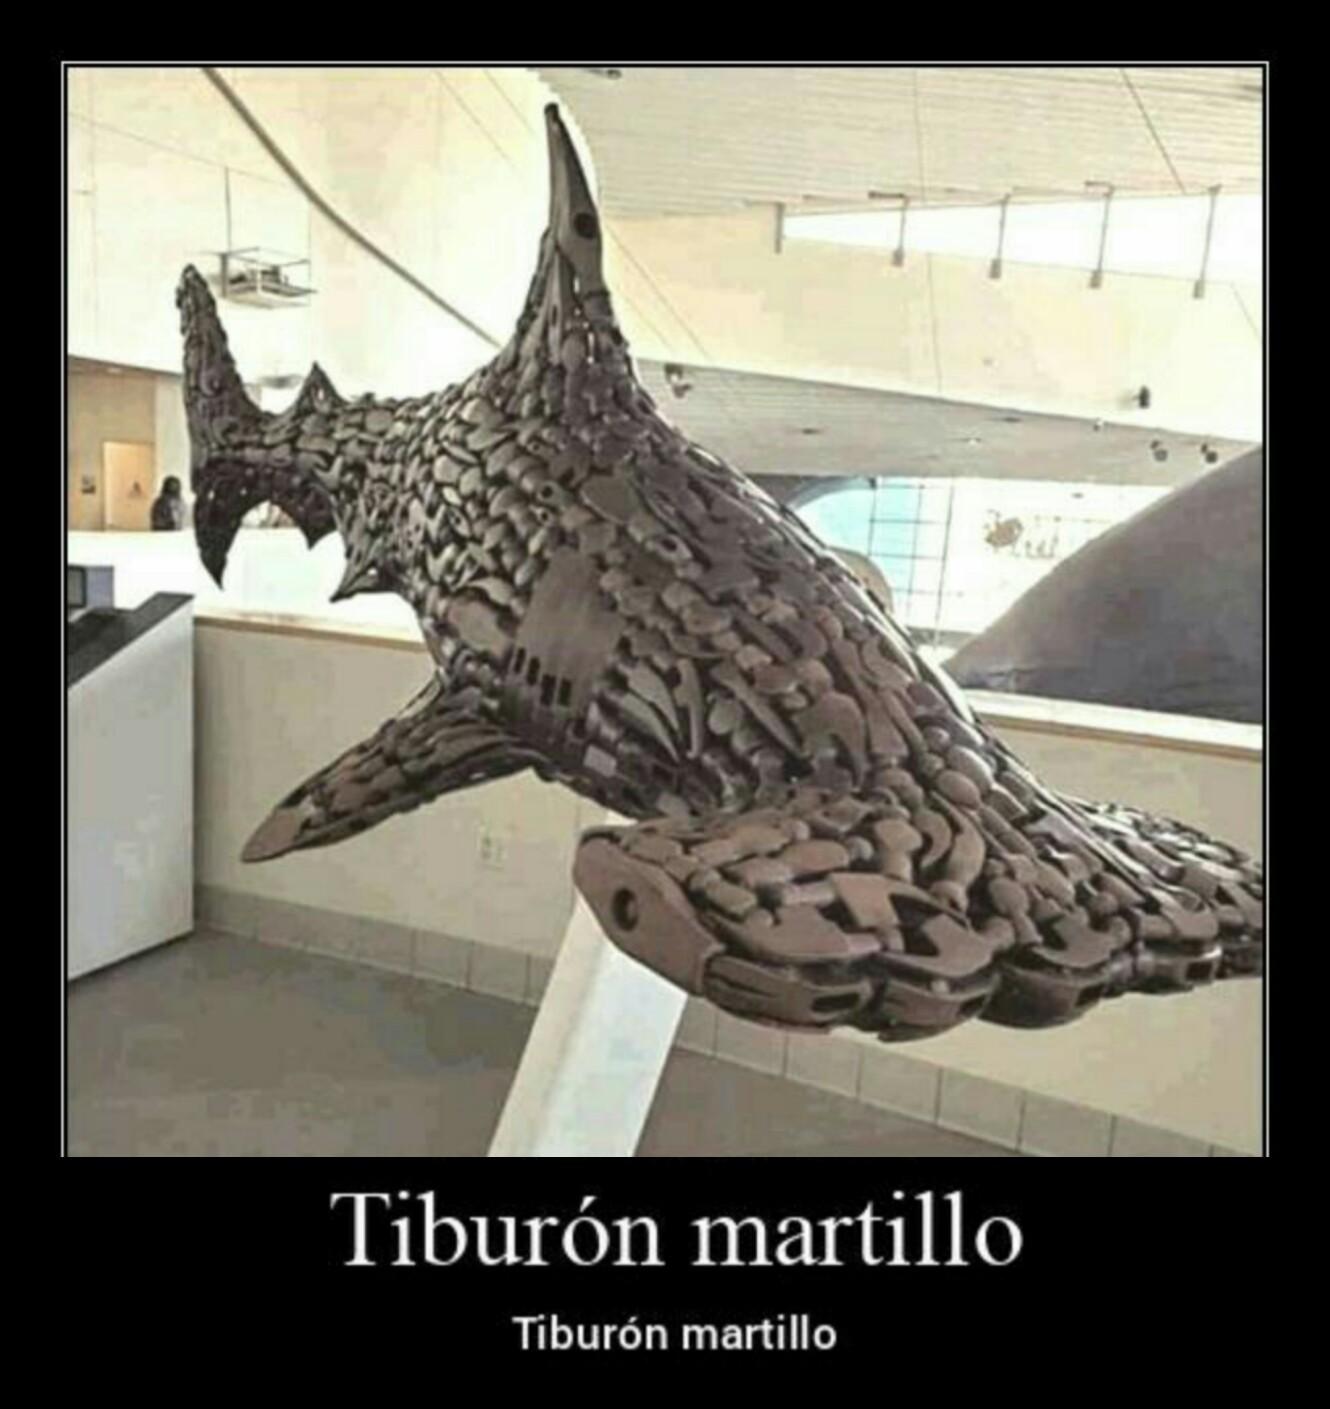 Tiburón martillo - meme